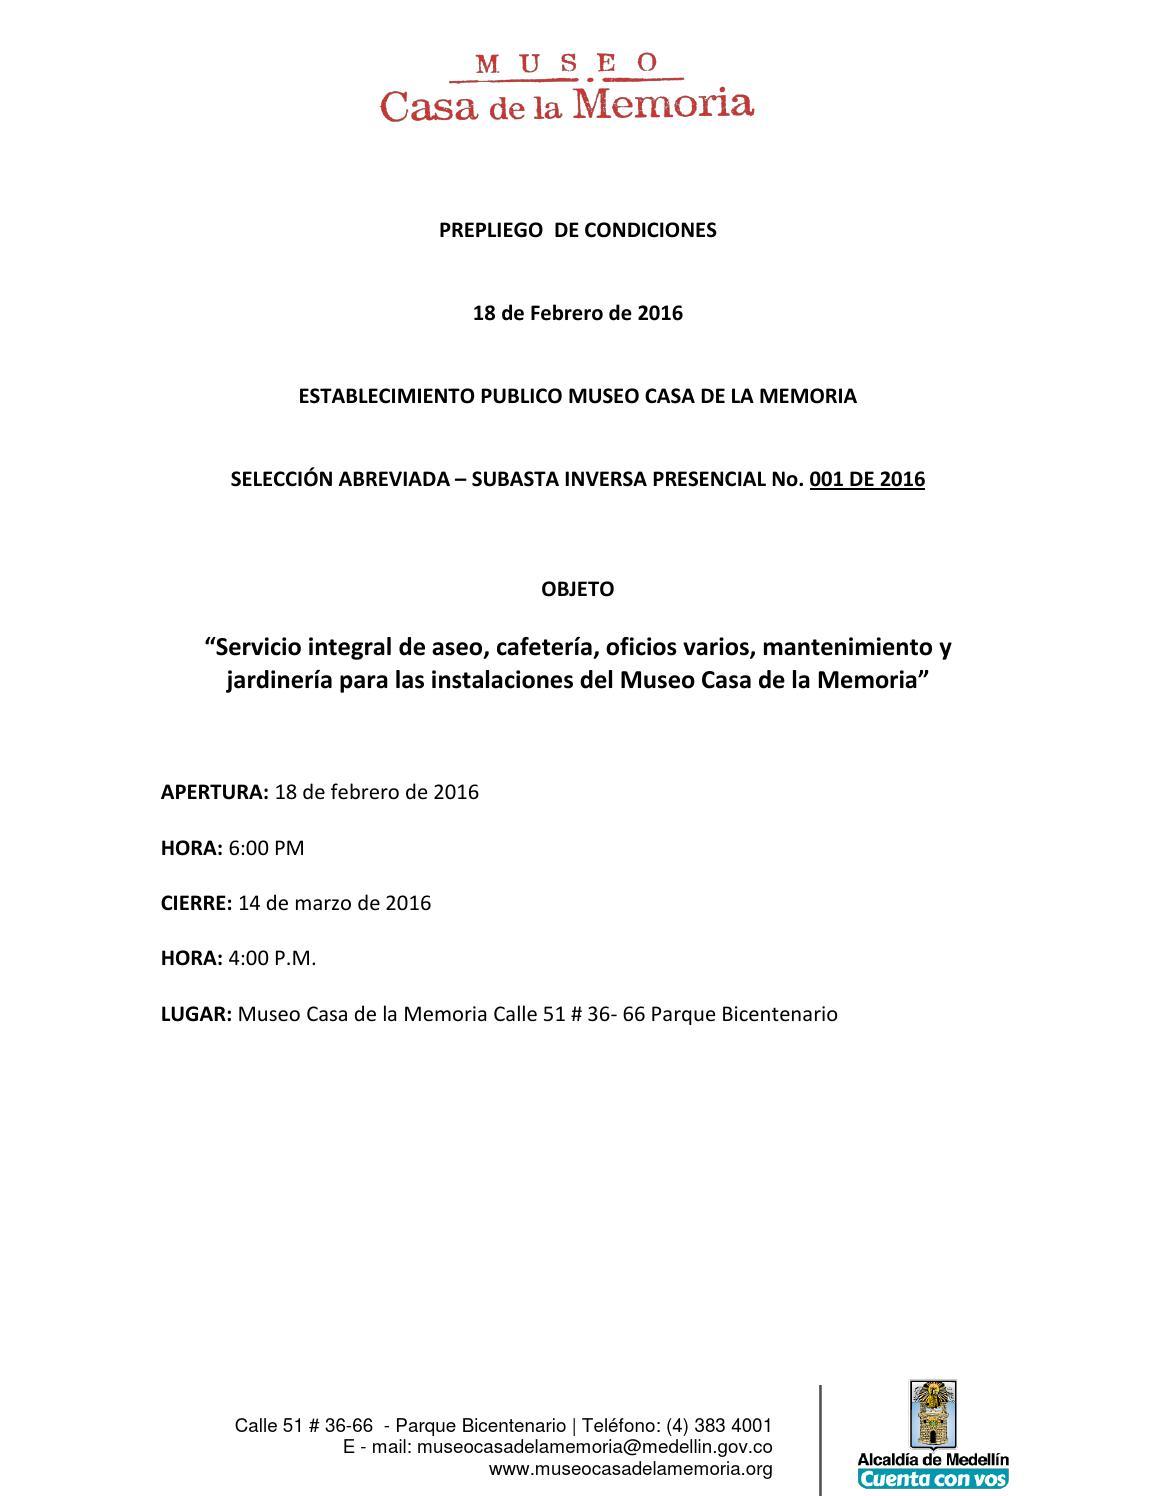 Prepliego subasta inversa aseo by museo casa de la memoria for Servicio de jardineria df